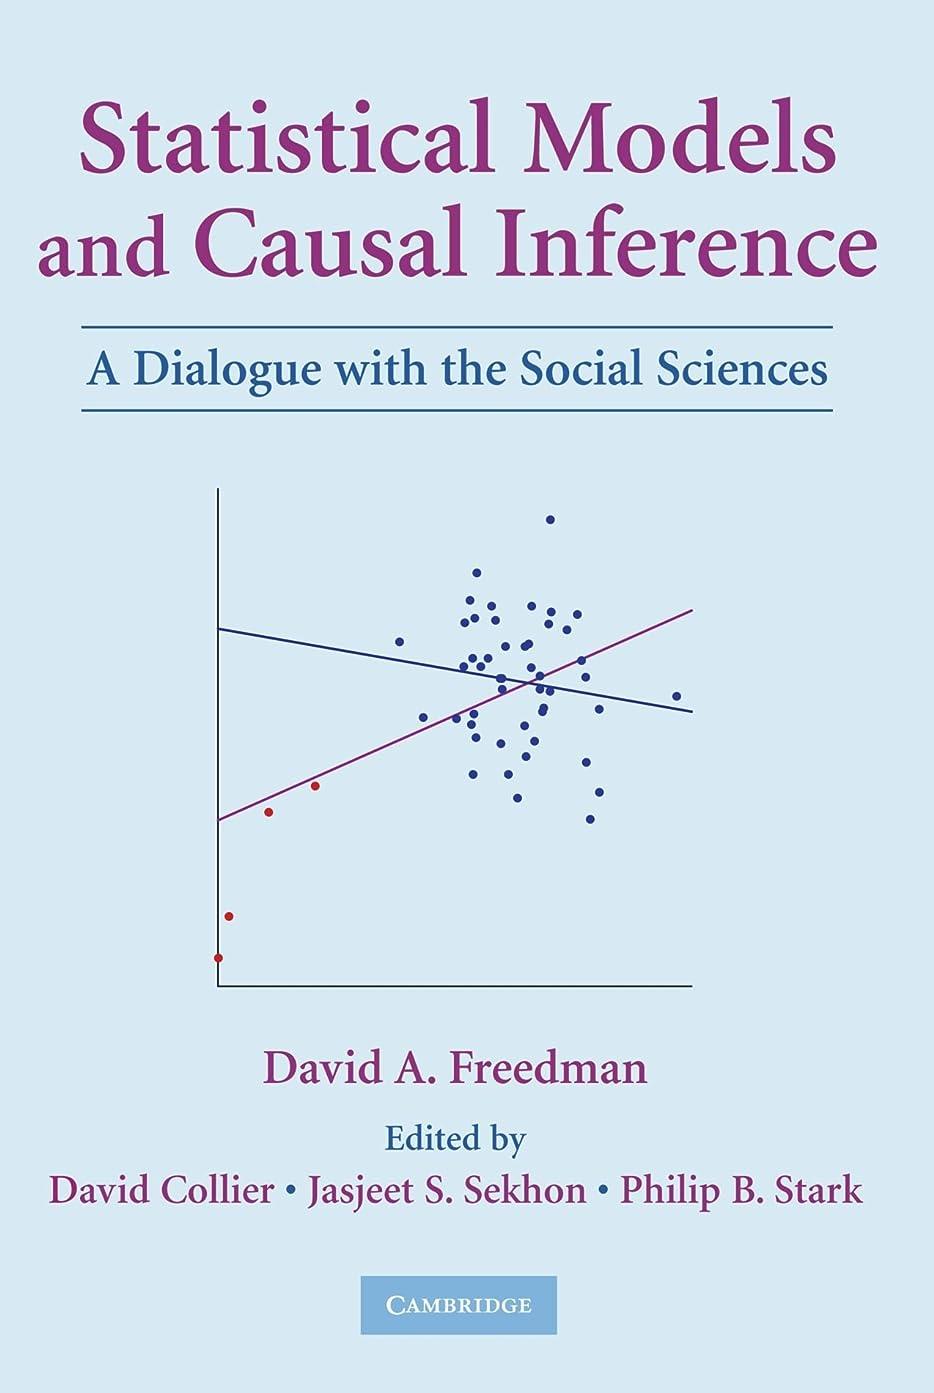 フローティングようこそ部門Statistical Models and Causal Inference: A Dialogue with the Social Sciences